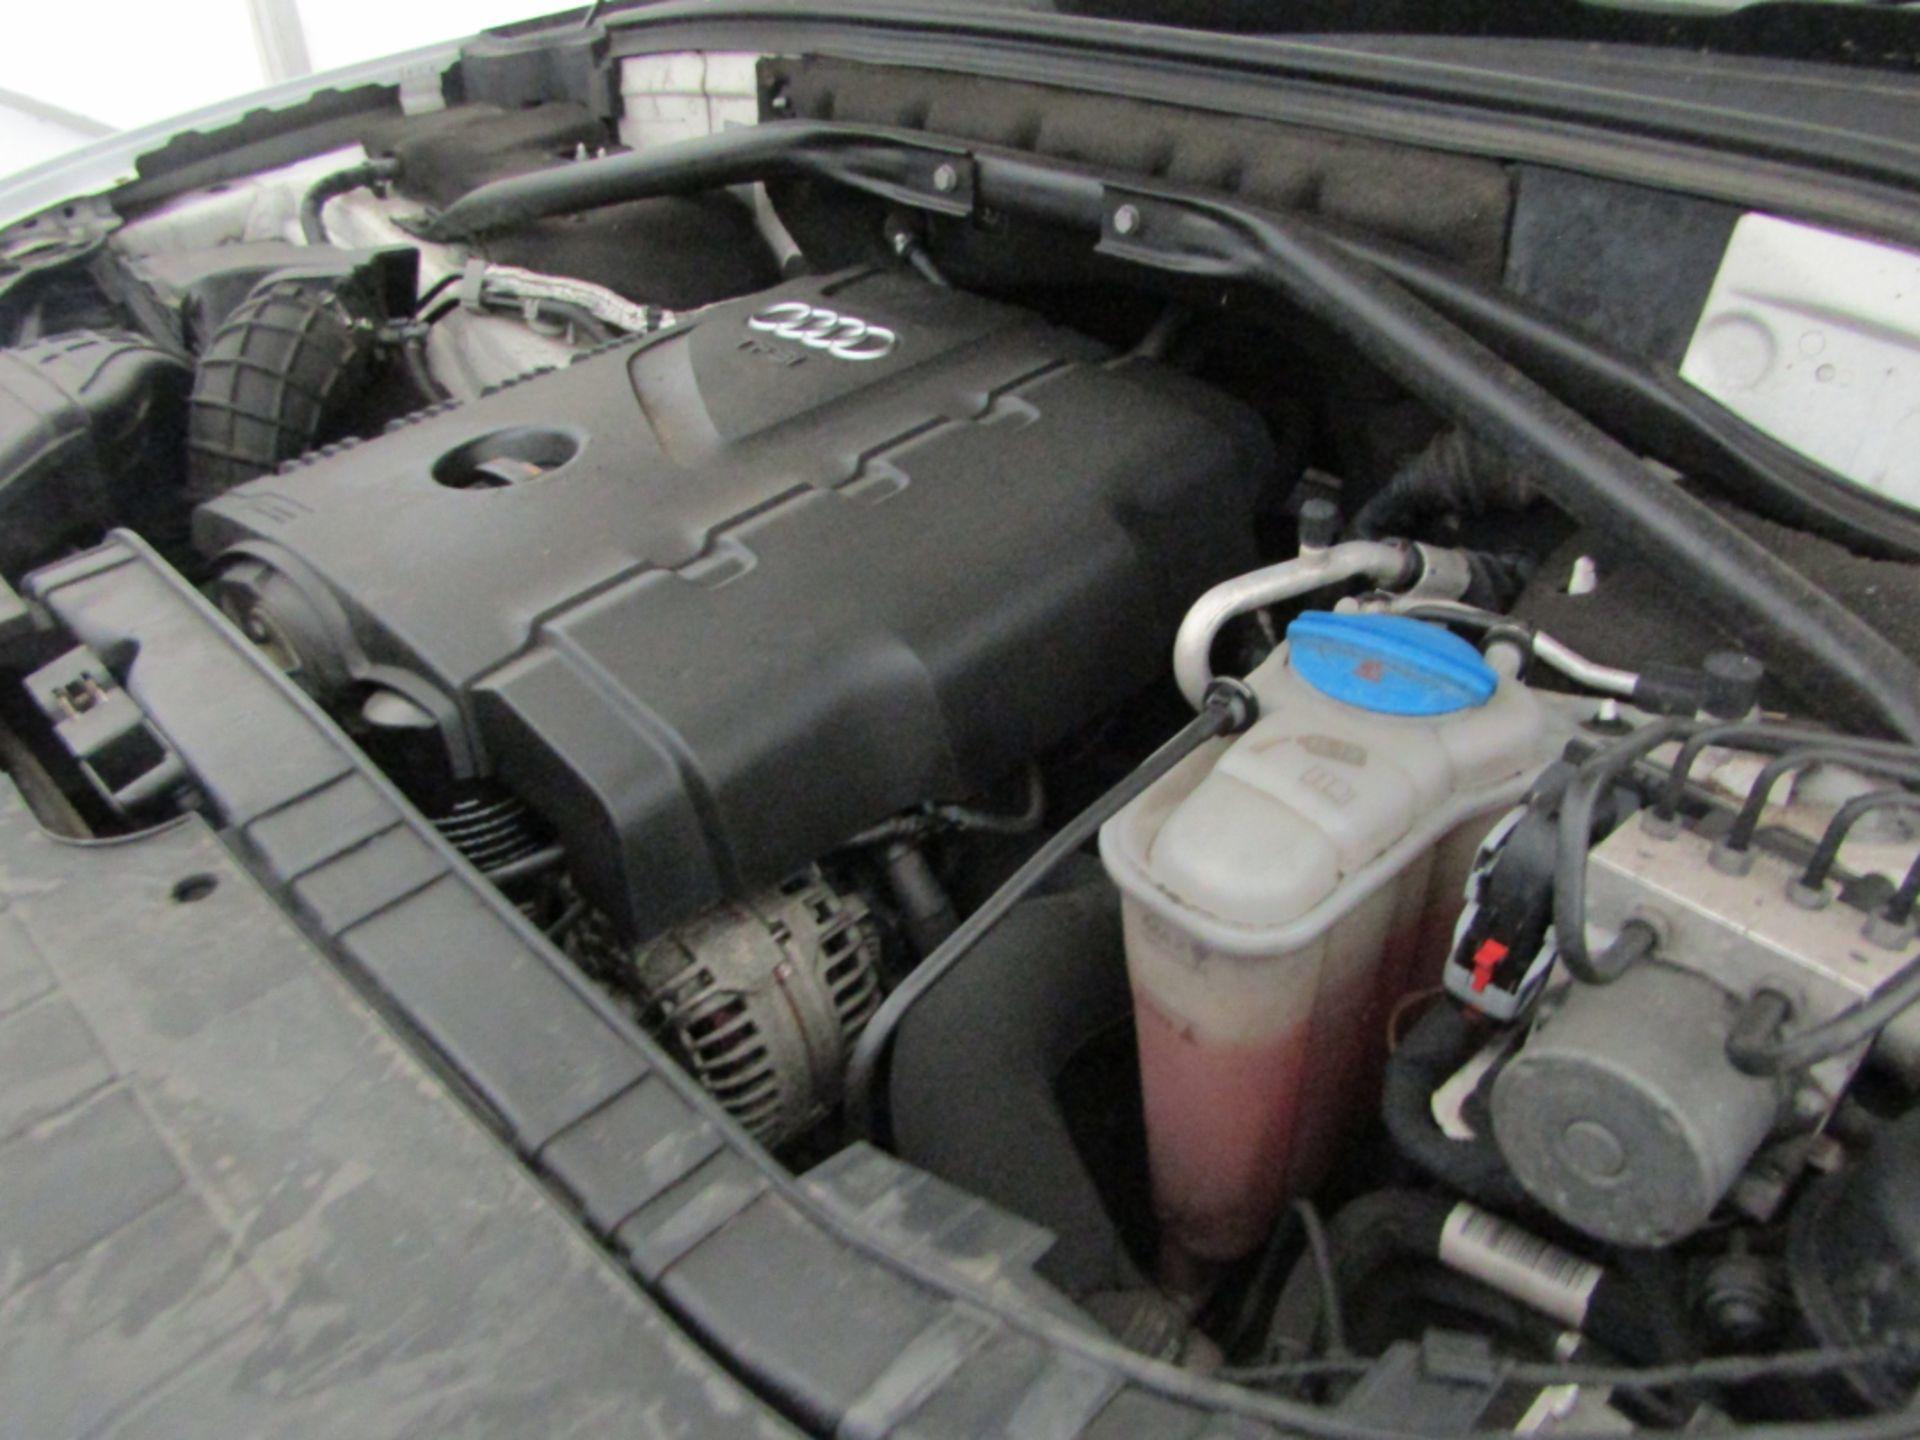 09 09 Audi Q5 S Line TFSI Quattro - Image 4 of 17